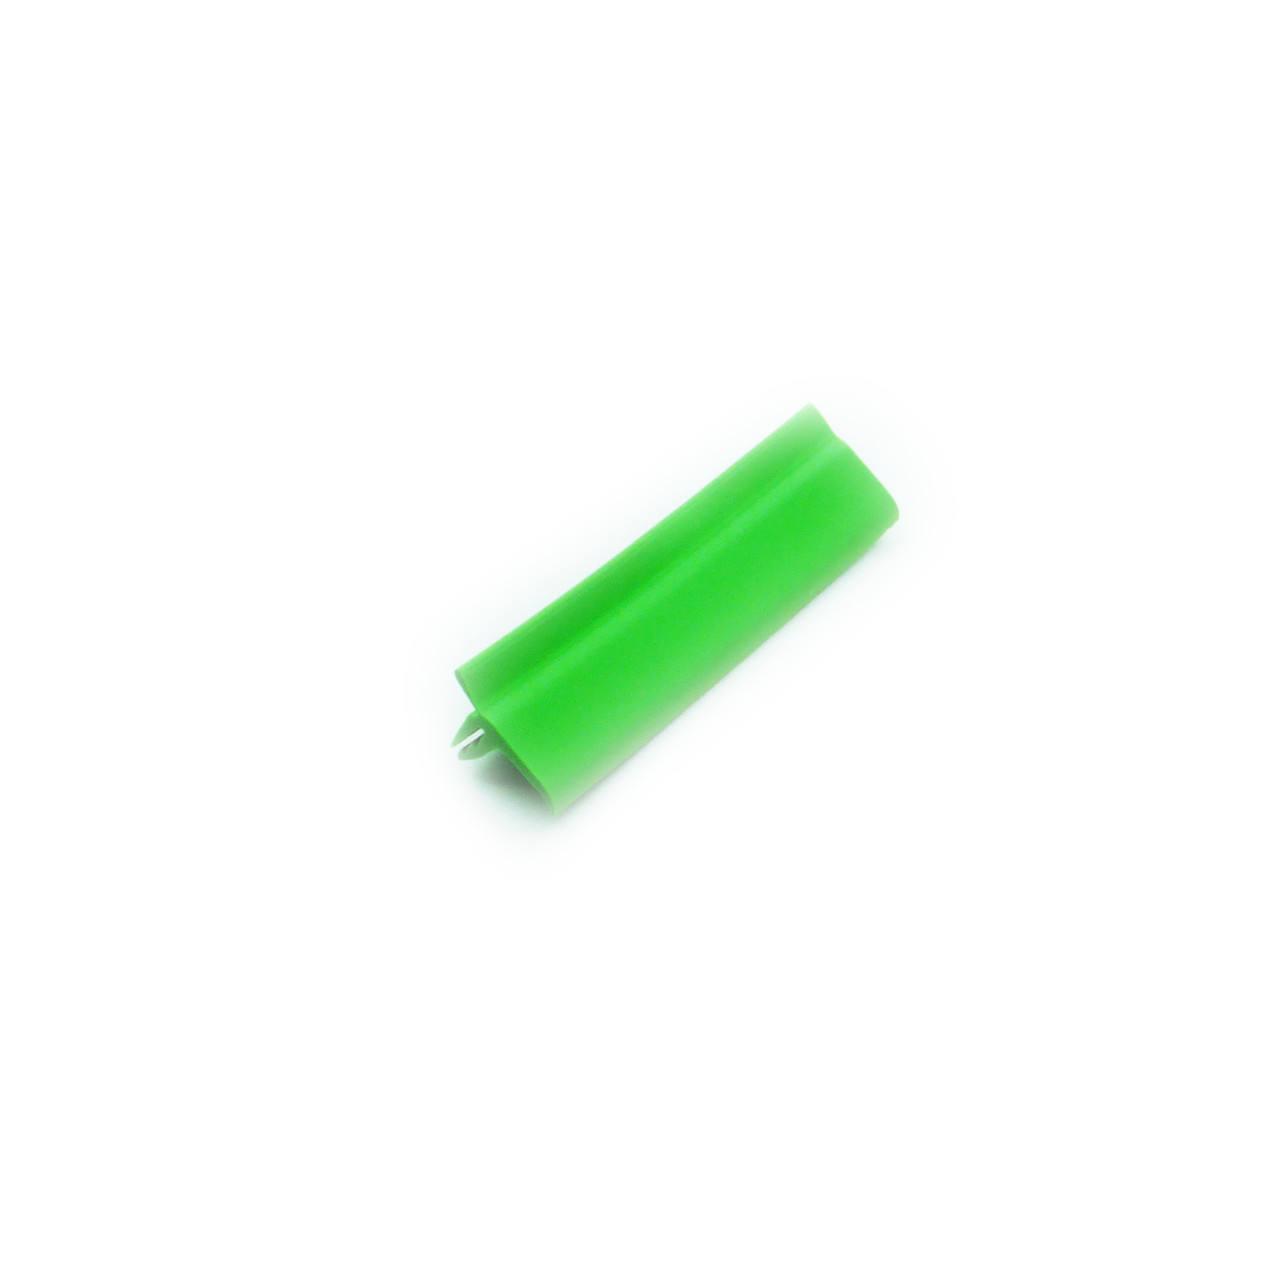 Вставка заглушка декоративная - L644. Широкая - 14 мм